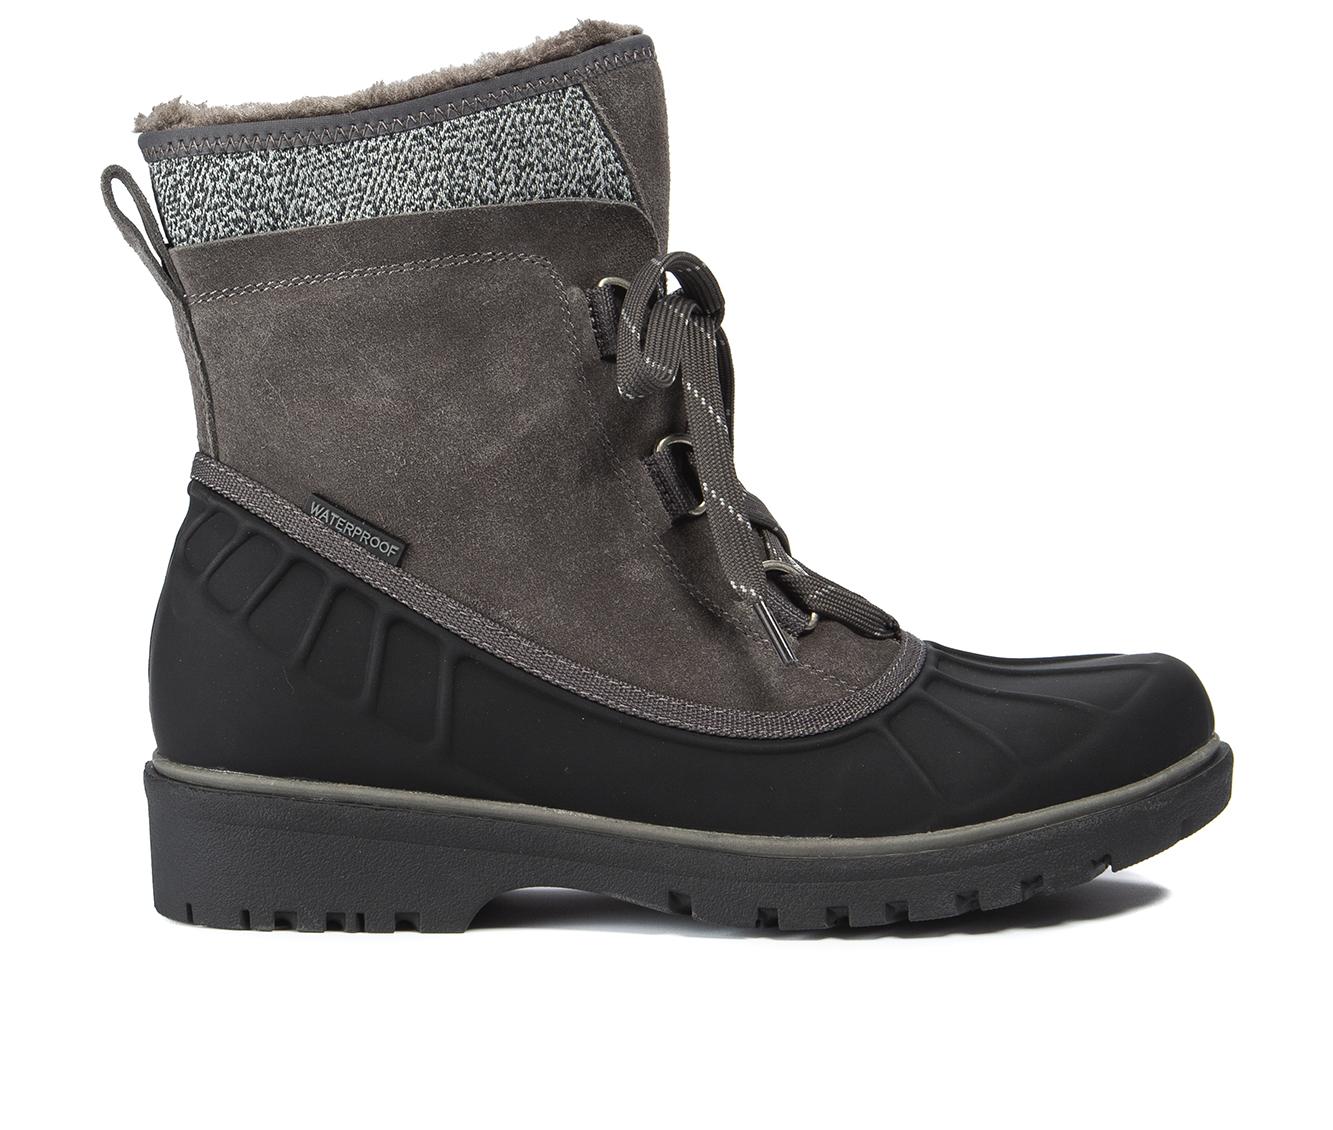 Baretraps Springer Women's Boot (Gray Leather)